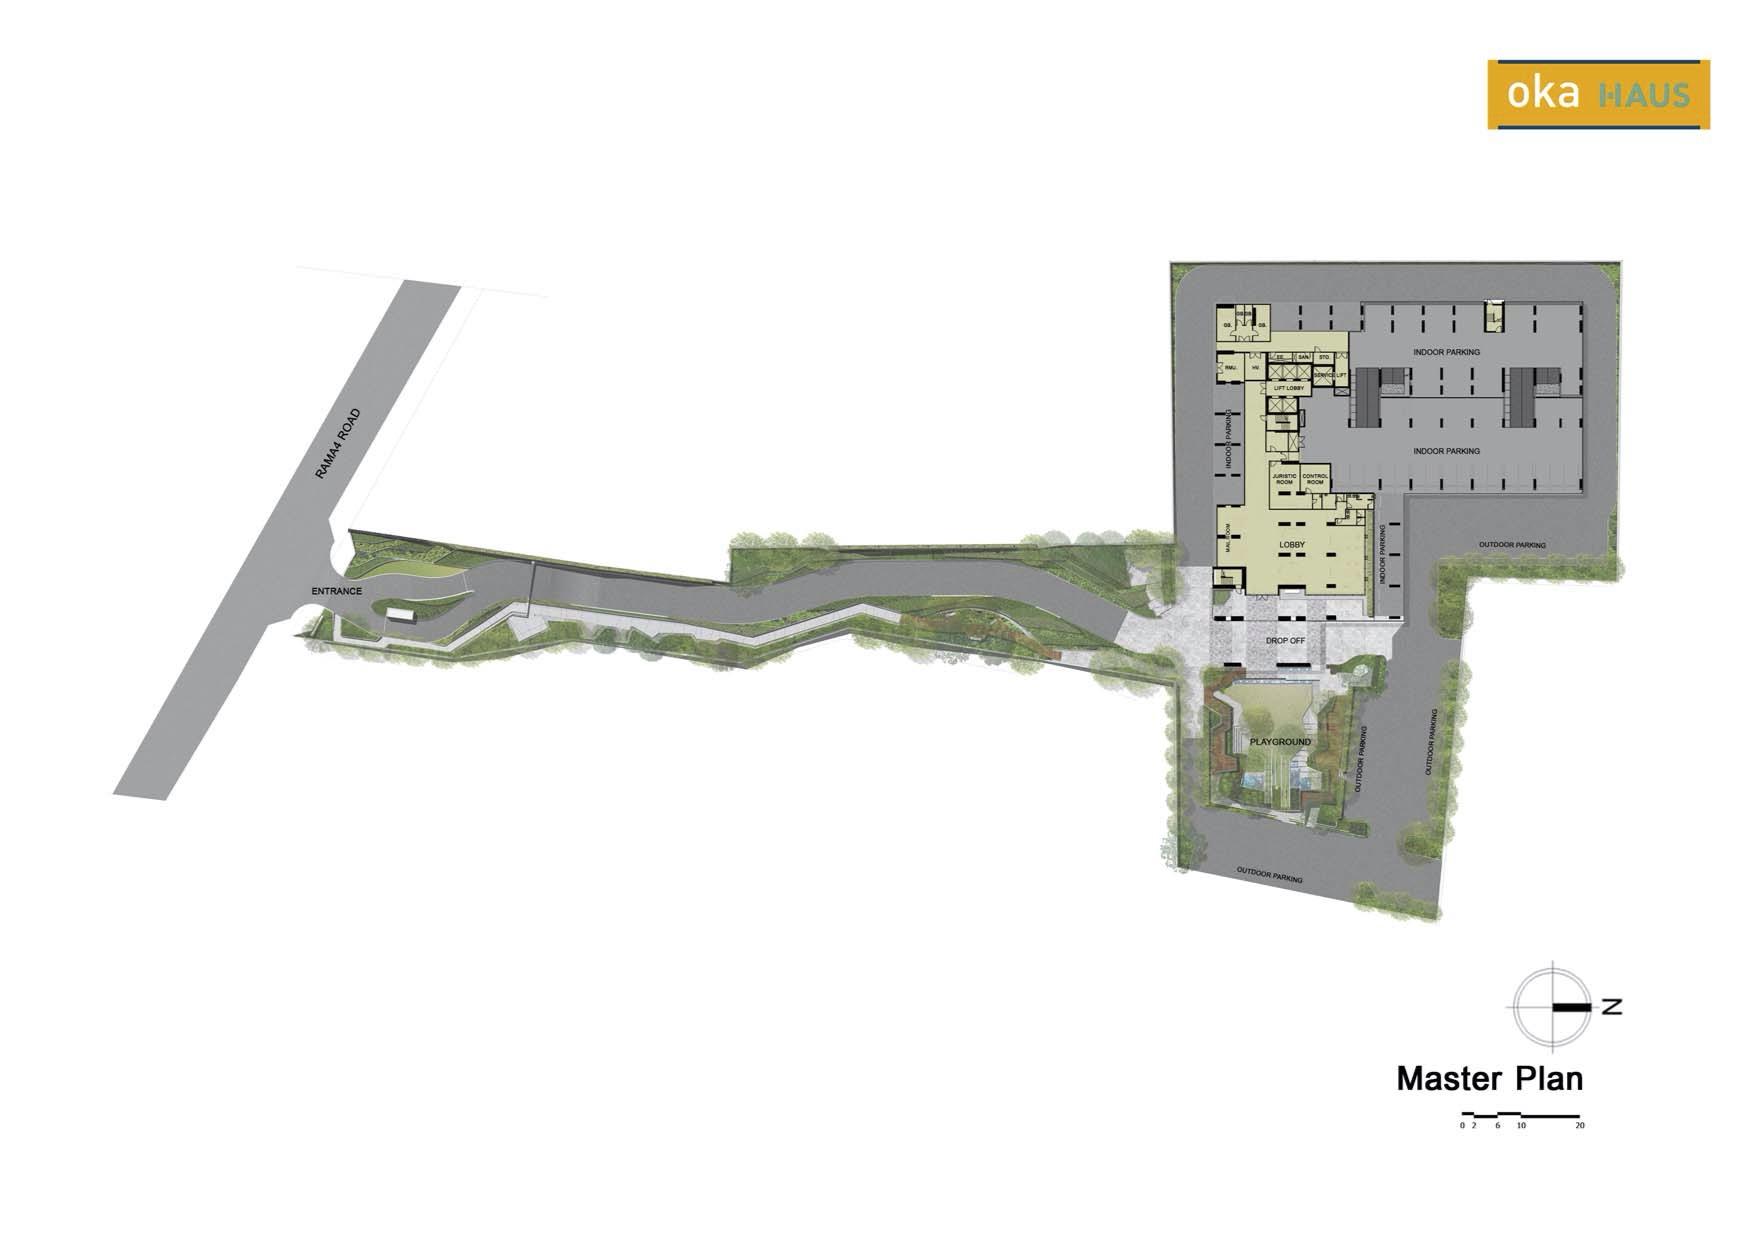 Oka Haus Sukhumvit 36 Master Plan